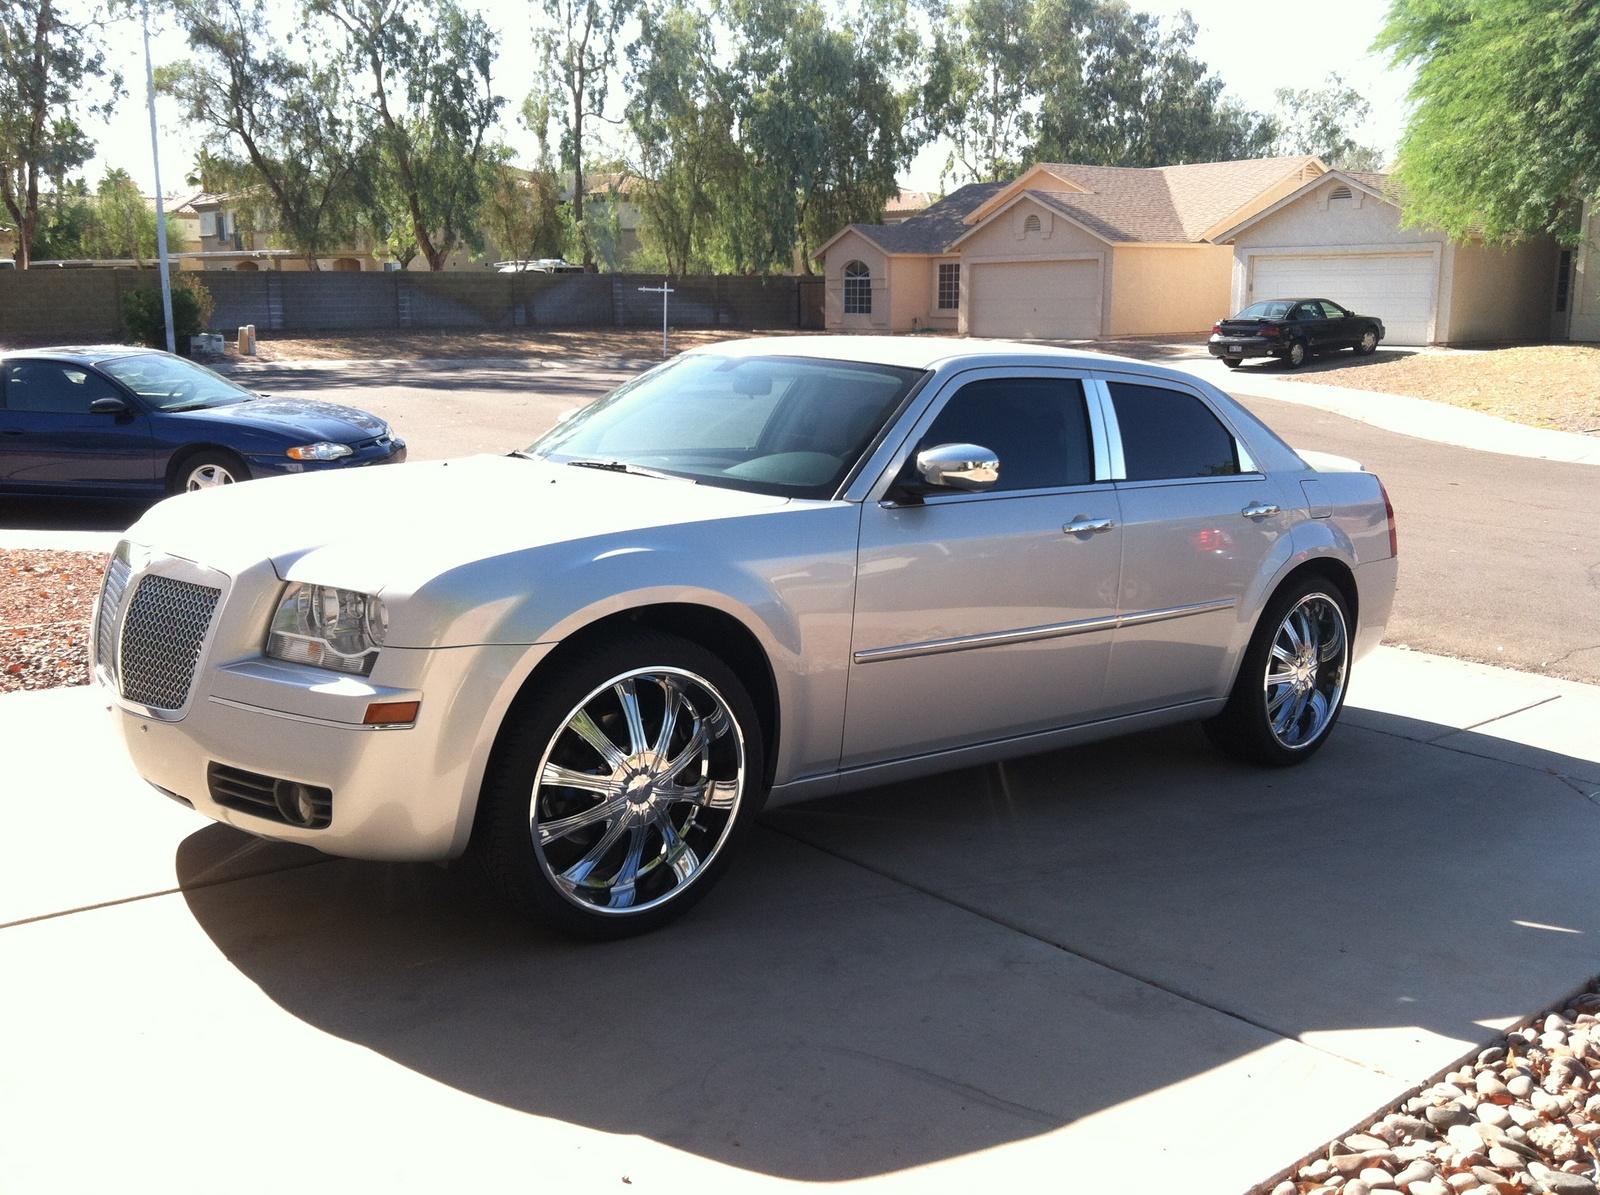 2010 Chrysler 300 Exterior Pictures Cargurus